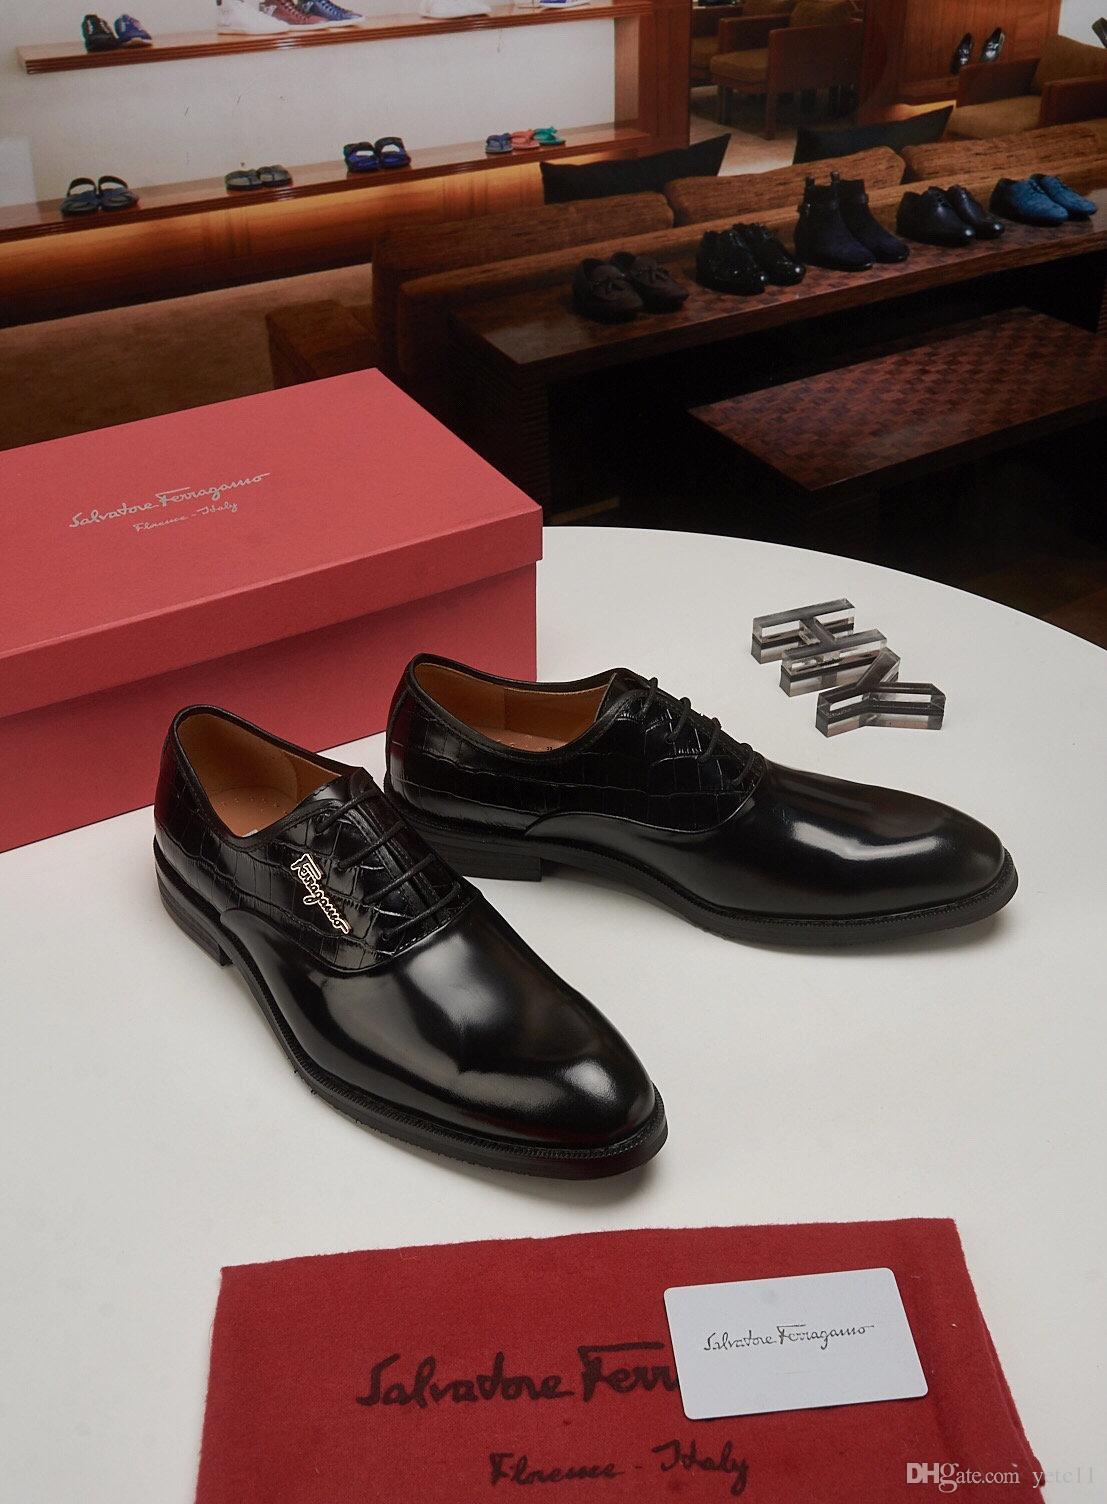 2019 marcas de lujo de los hombres de zapatos Oxford boda del partido Brogue zapatos del modelo cocodrilos de los hombres zapatos de vestir de cuero de los zapatos formales de negocios